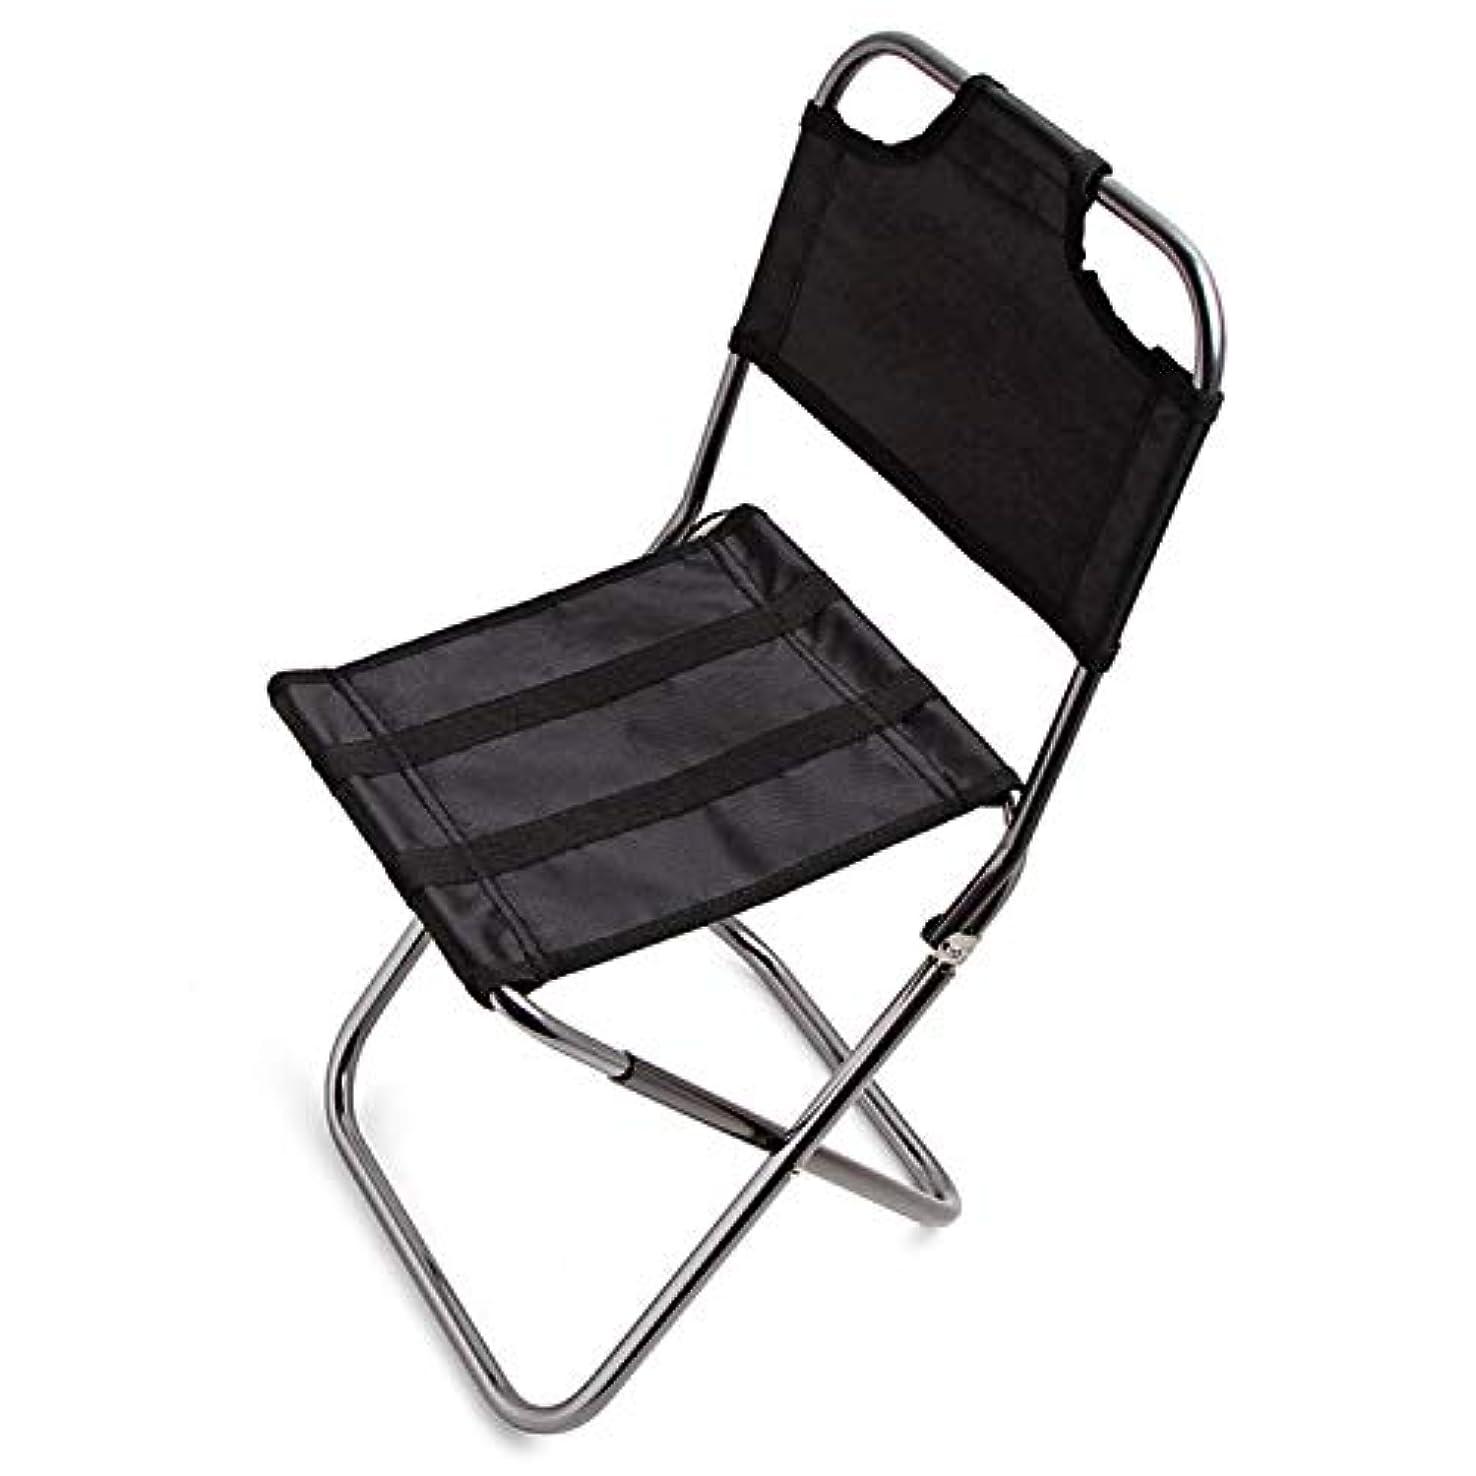 コンテンポラリーただ血屋外折りたたみ椅子、航空アルミニウム背もたれ椅子、電車のベンチの小さな馬、キャンプ/バーベキューの椅子